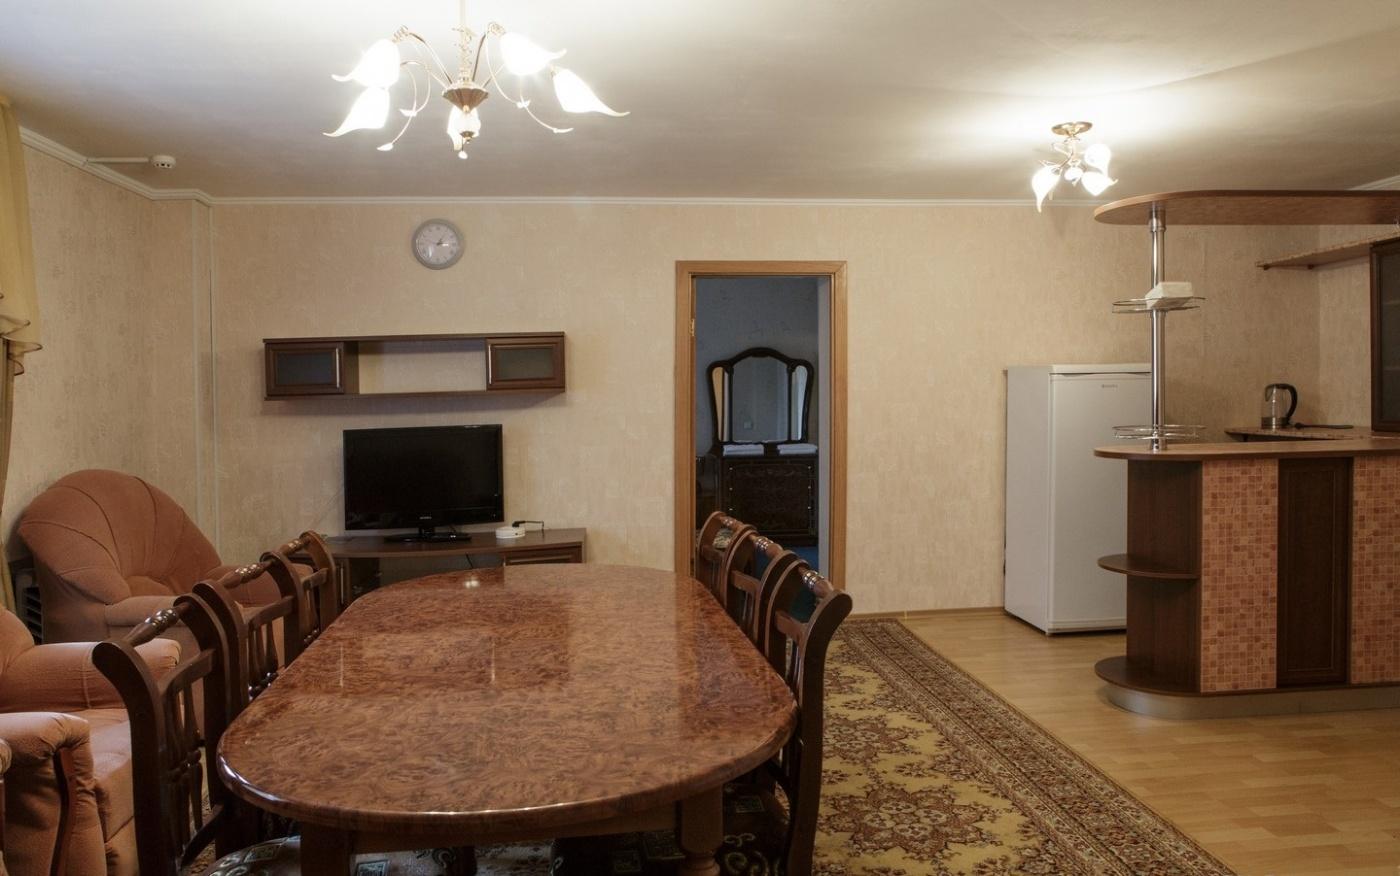 База отдыха «Боровое» Московская область 2-местный 2-комнатный люкс, фото 3